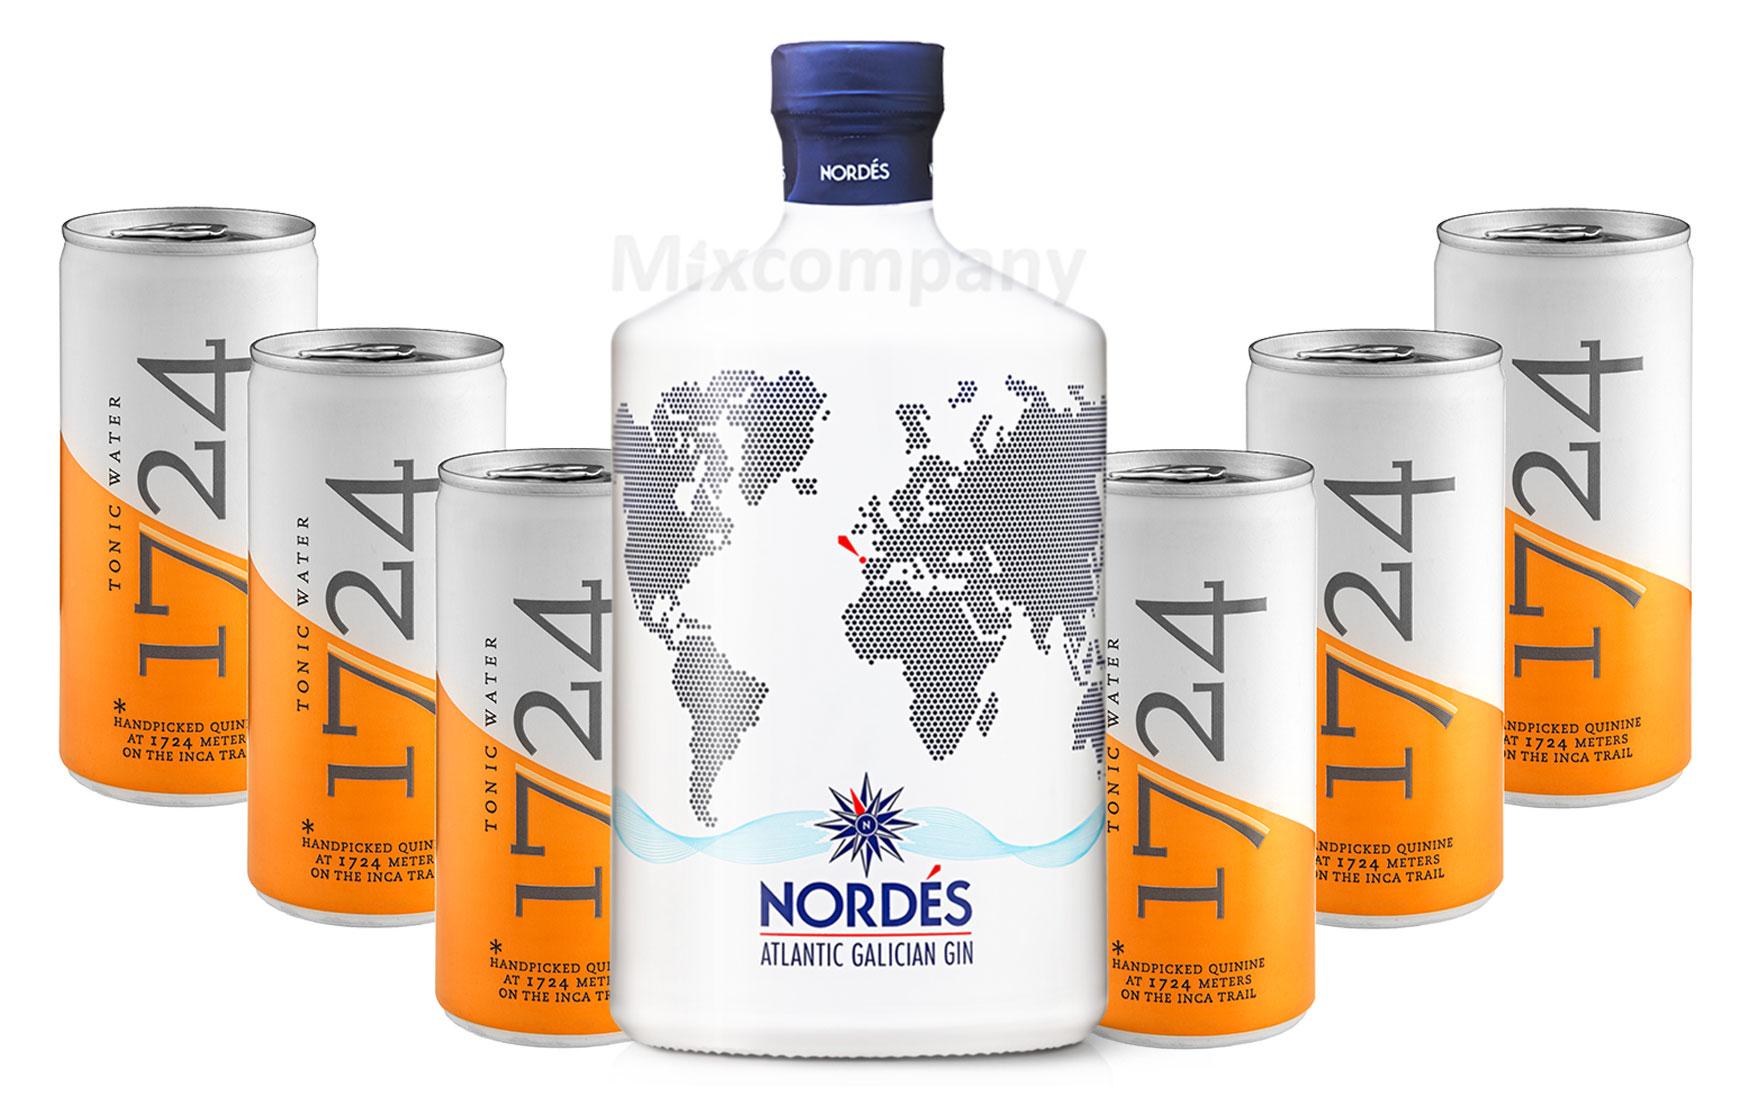 Nordes Atlantic Galician Gin aus Galizien 0,7l (40% Vol) + 6 x 1724 Tonic Water 0,2l EINWEG inkl. Pfand- [Enthält Sulfite]